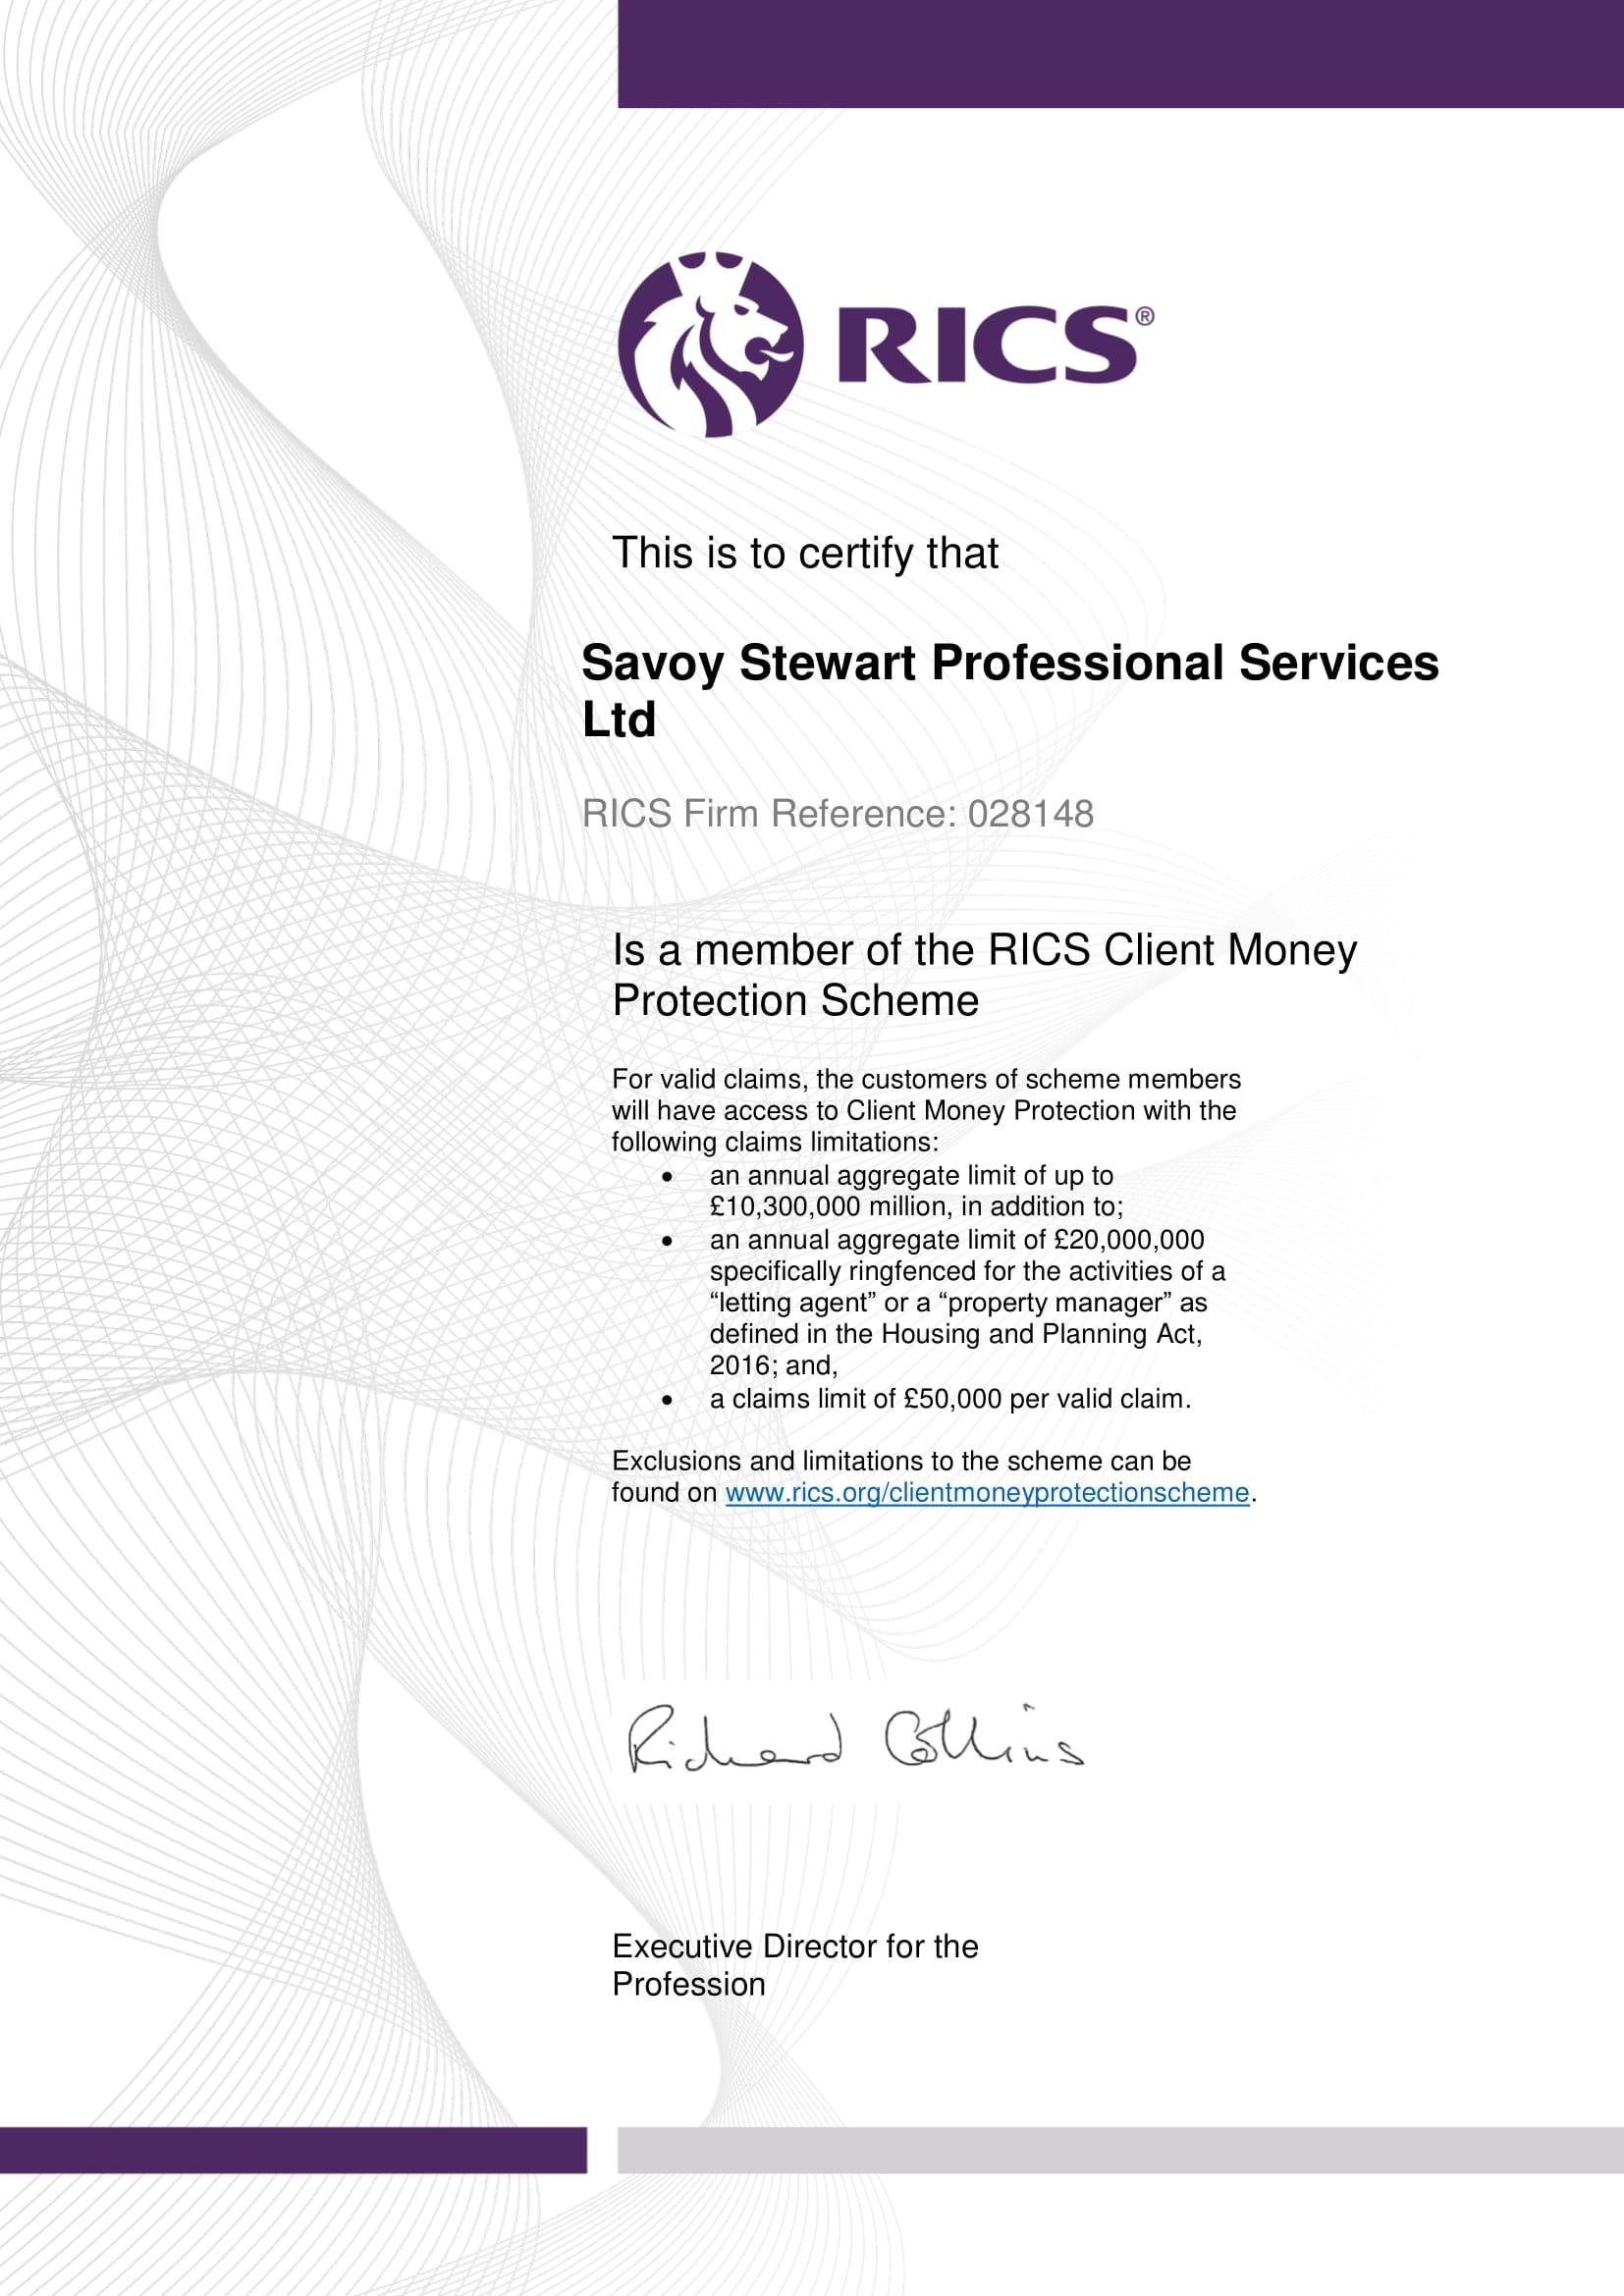 Property Management - Savoy Stewart